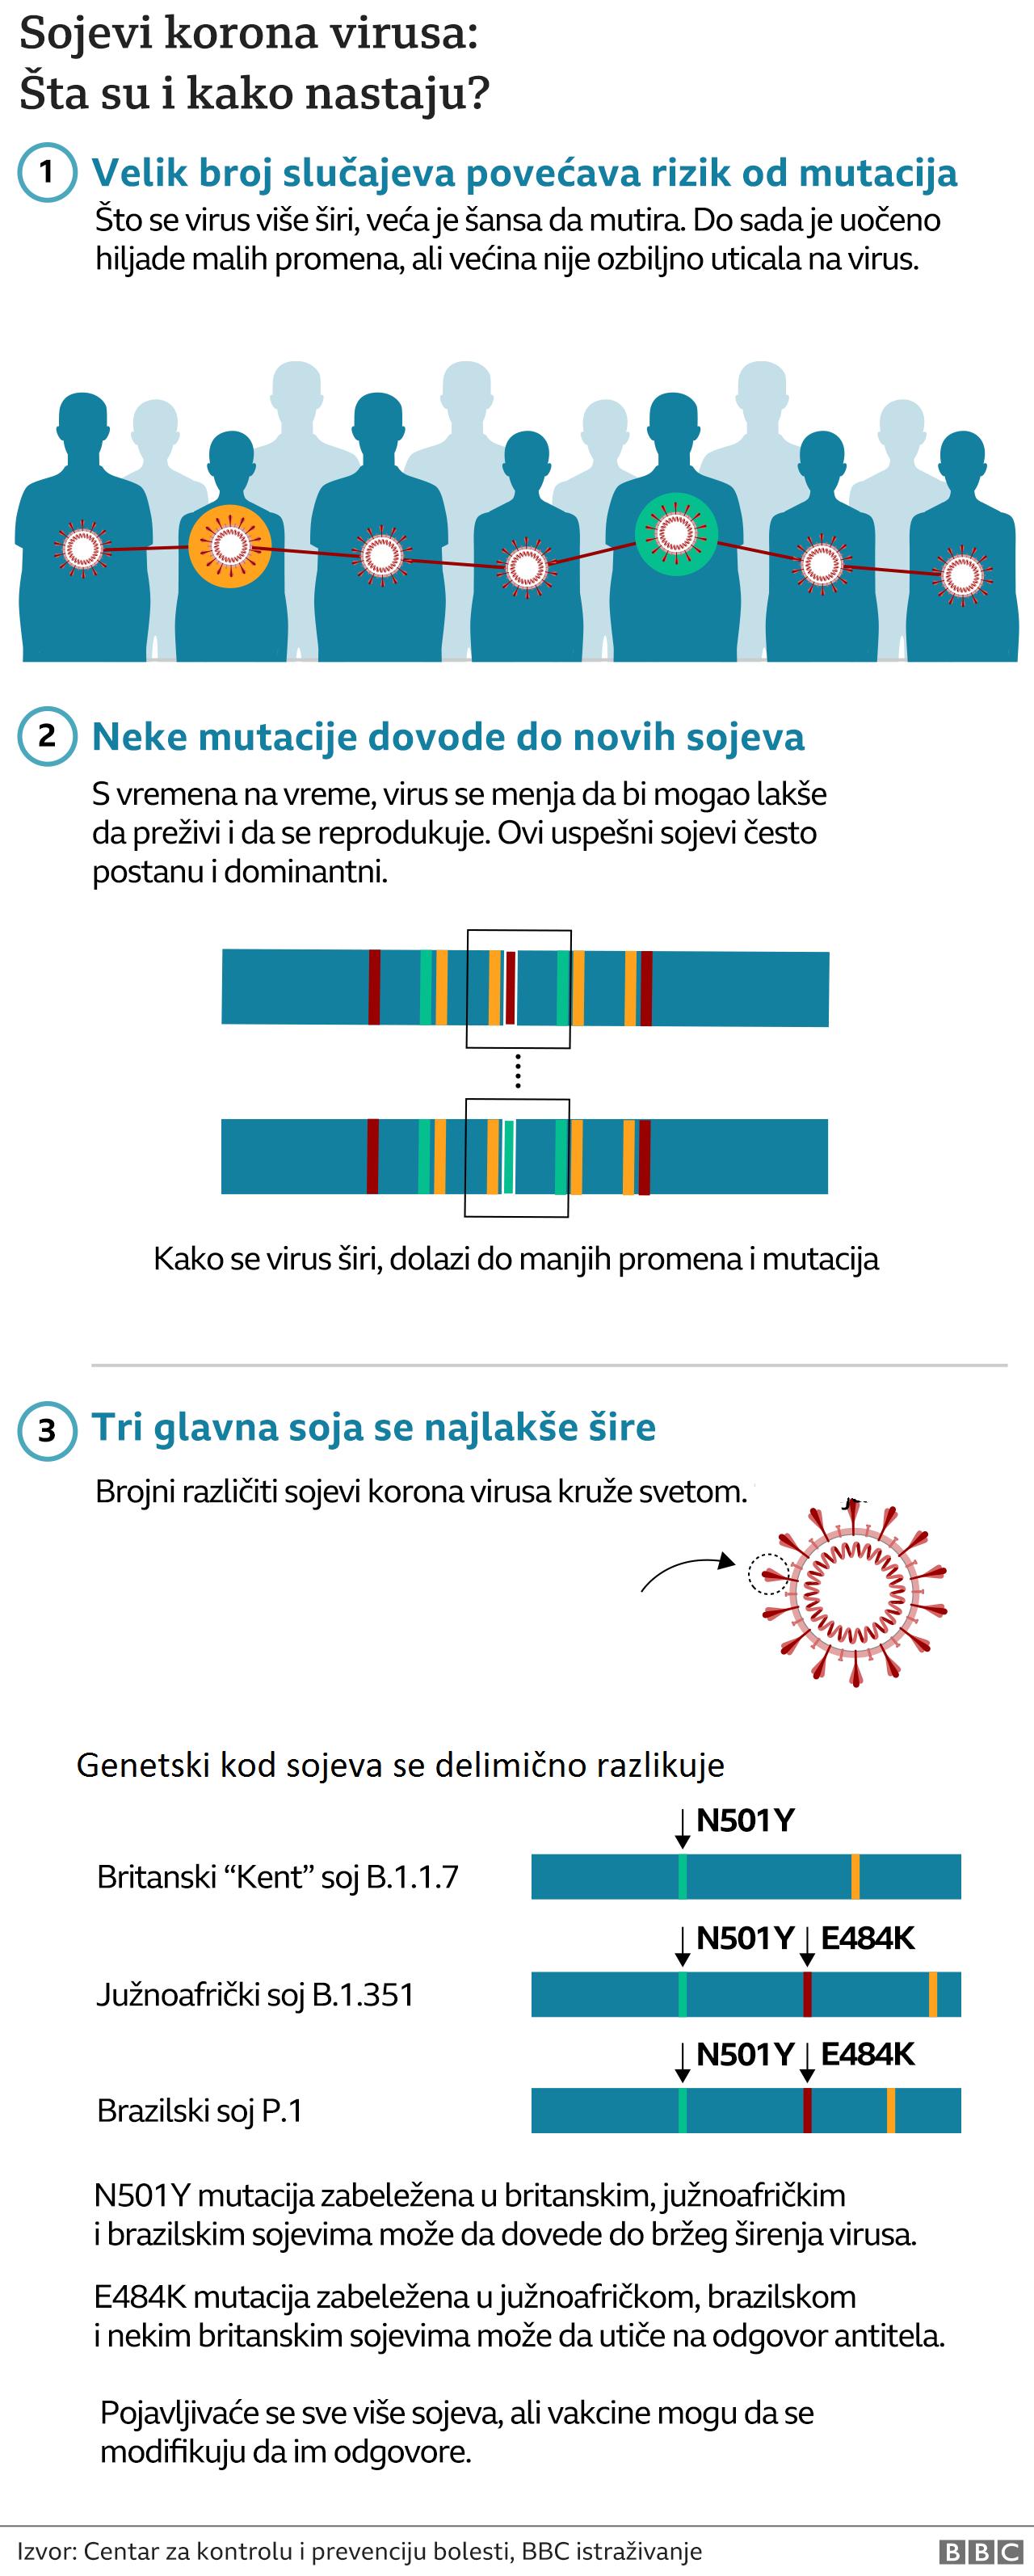 116911656_coronavirus_variants_v3_inf640-2x-n-23